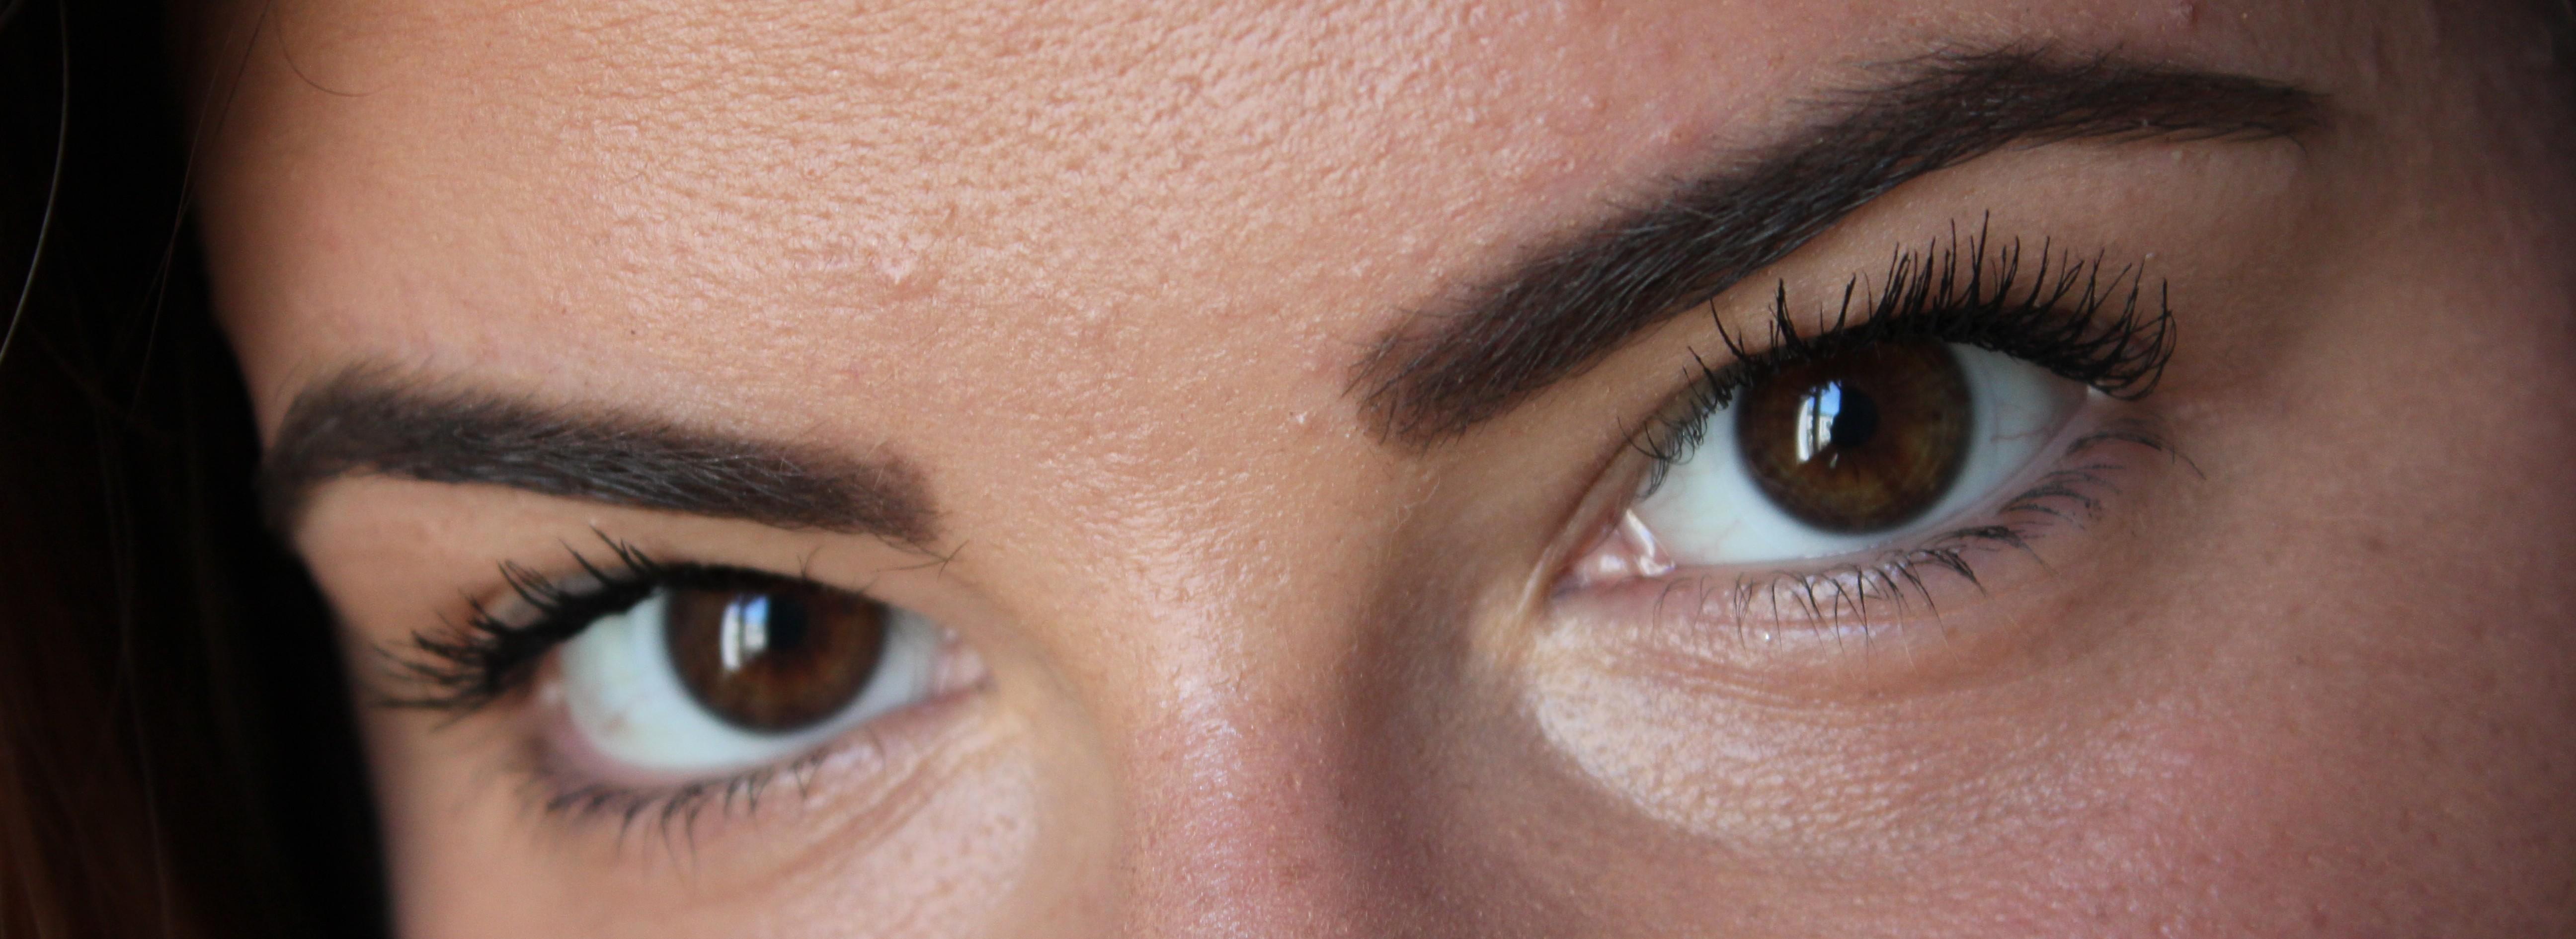 Célèbre dessiner ses sourcils   milleetunechosesdefilles MX95